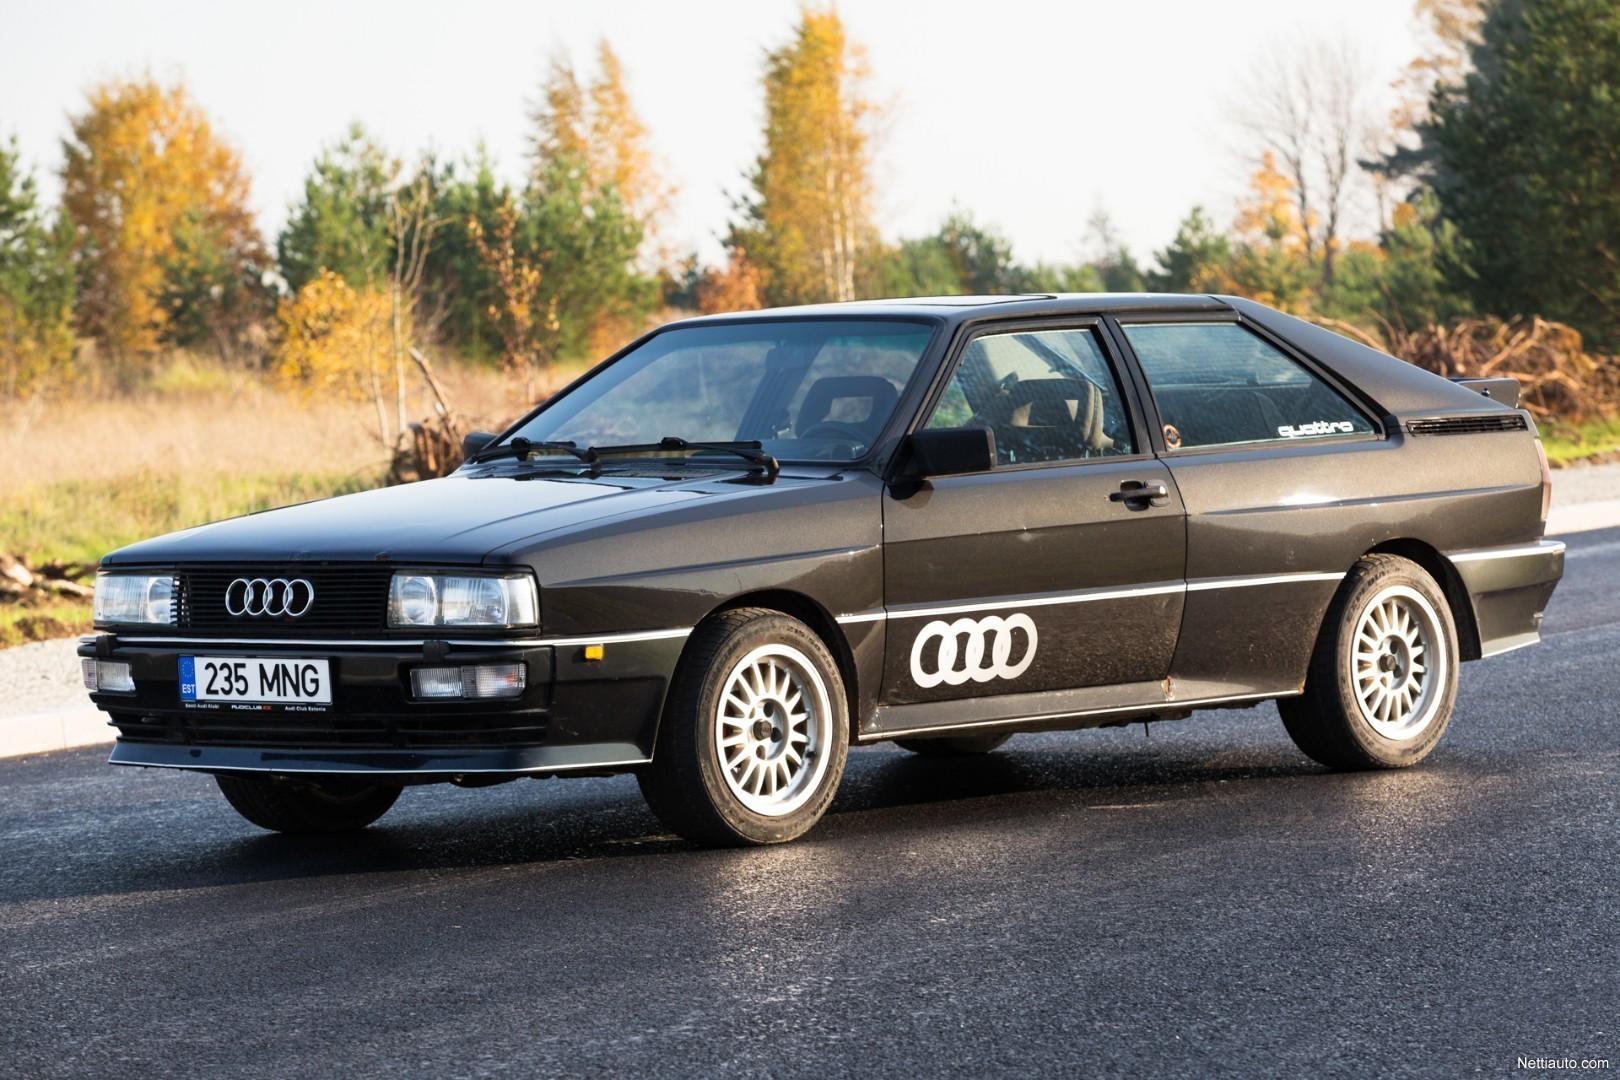 Audi Quattro 22e Turbo Coup 1984 Used Vehicle Nettiauto 2008 Mitsubishi Lancer Starter Location Add To Compare